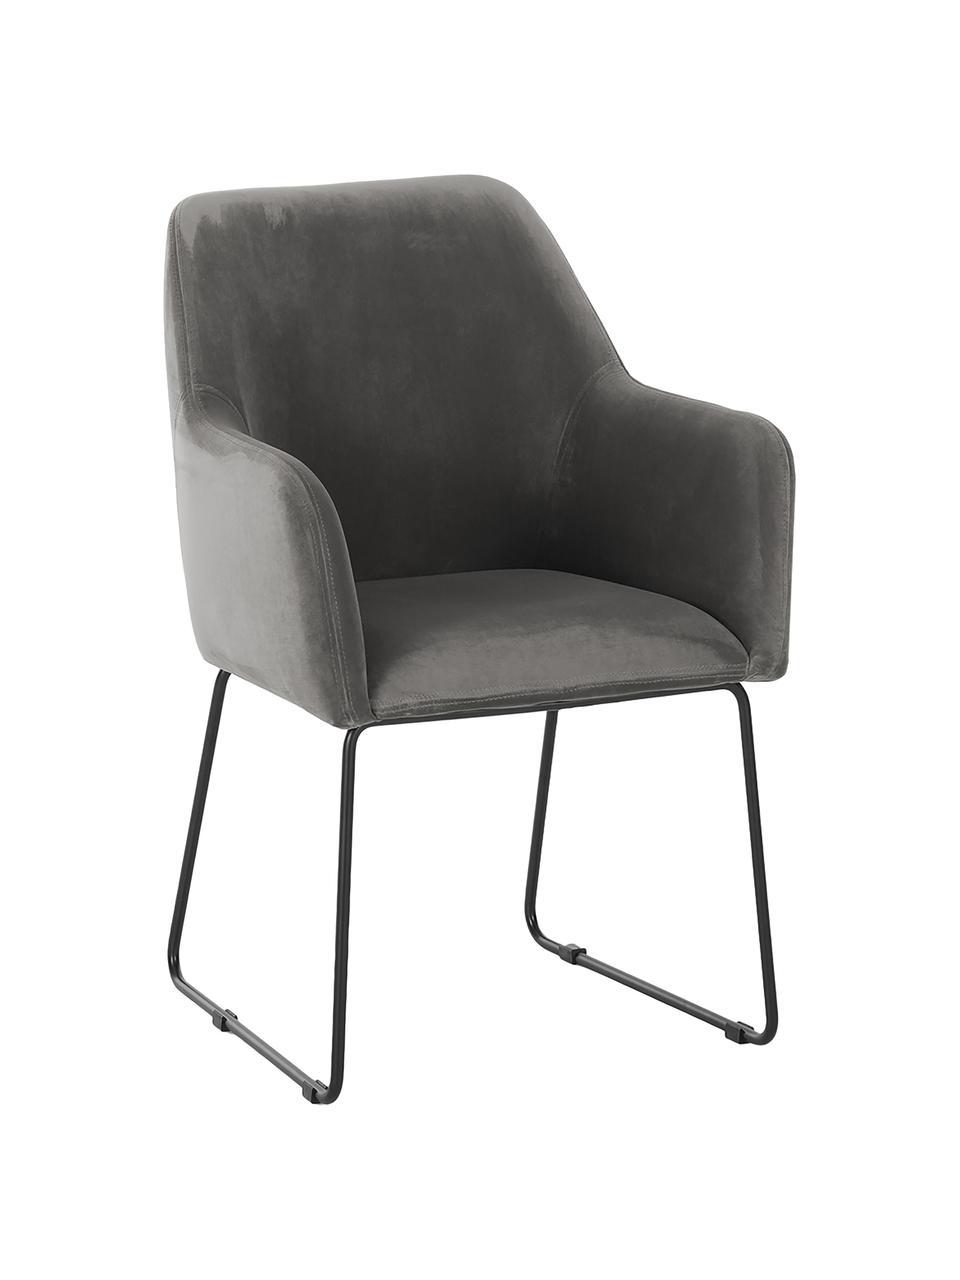 Krzesło z podłokietnikami z aksamitu Isla, Tapicerka: poliester Dzięki tkaninie, Nogi: metal malowany proszkowo, Aksamitny szary kamienny, nogi: czarny, S 58 x G 62 cm